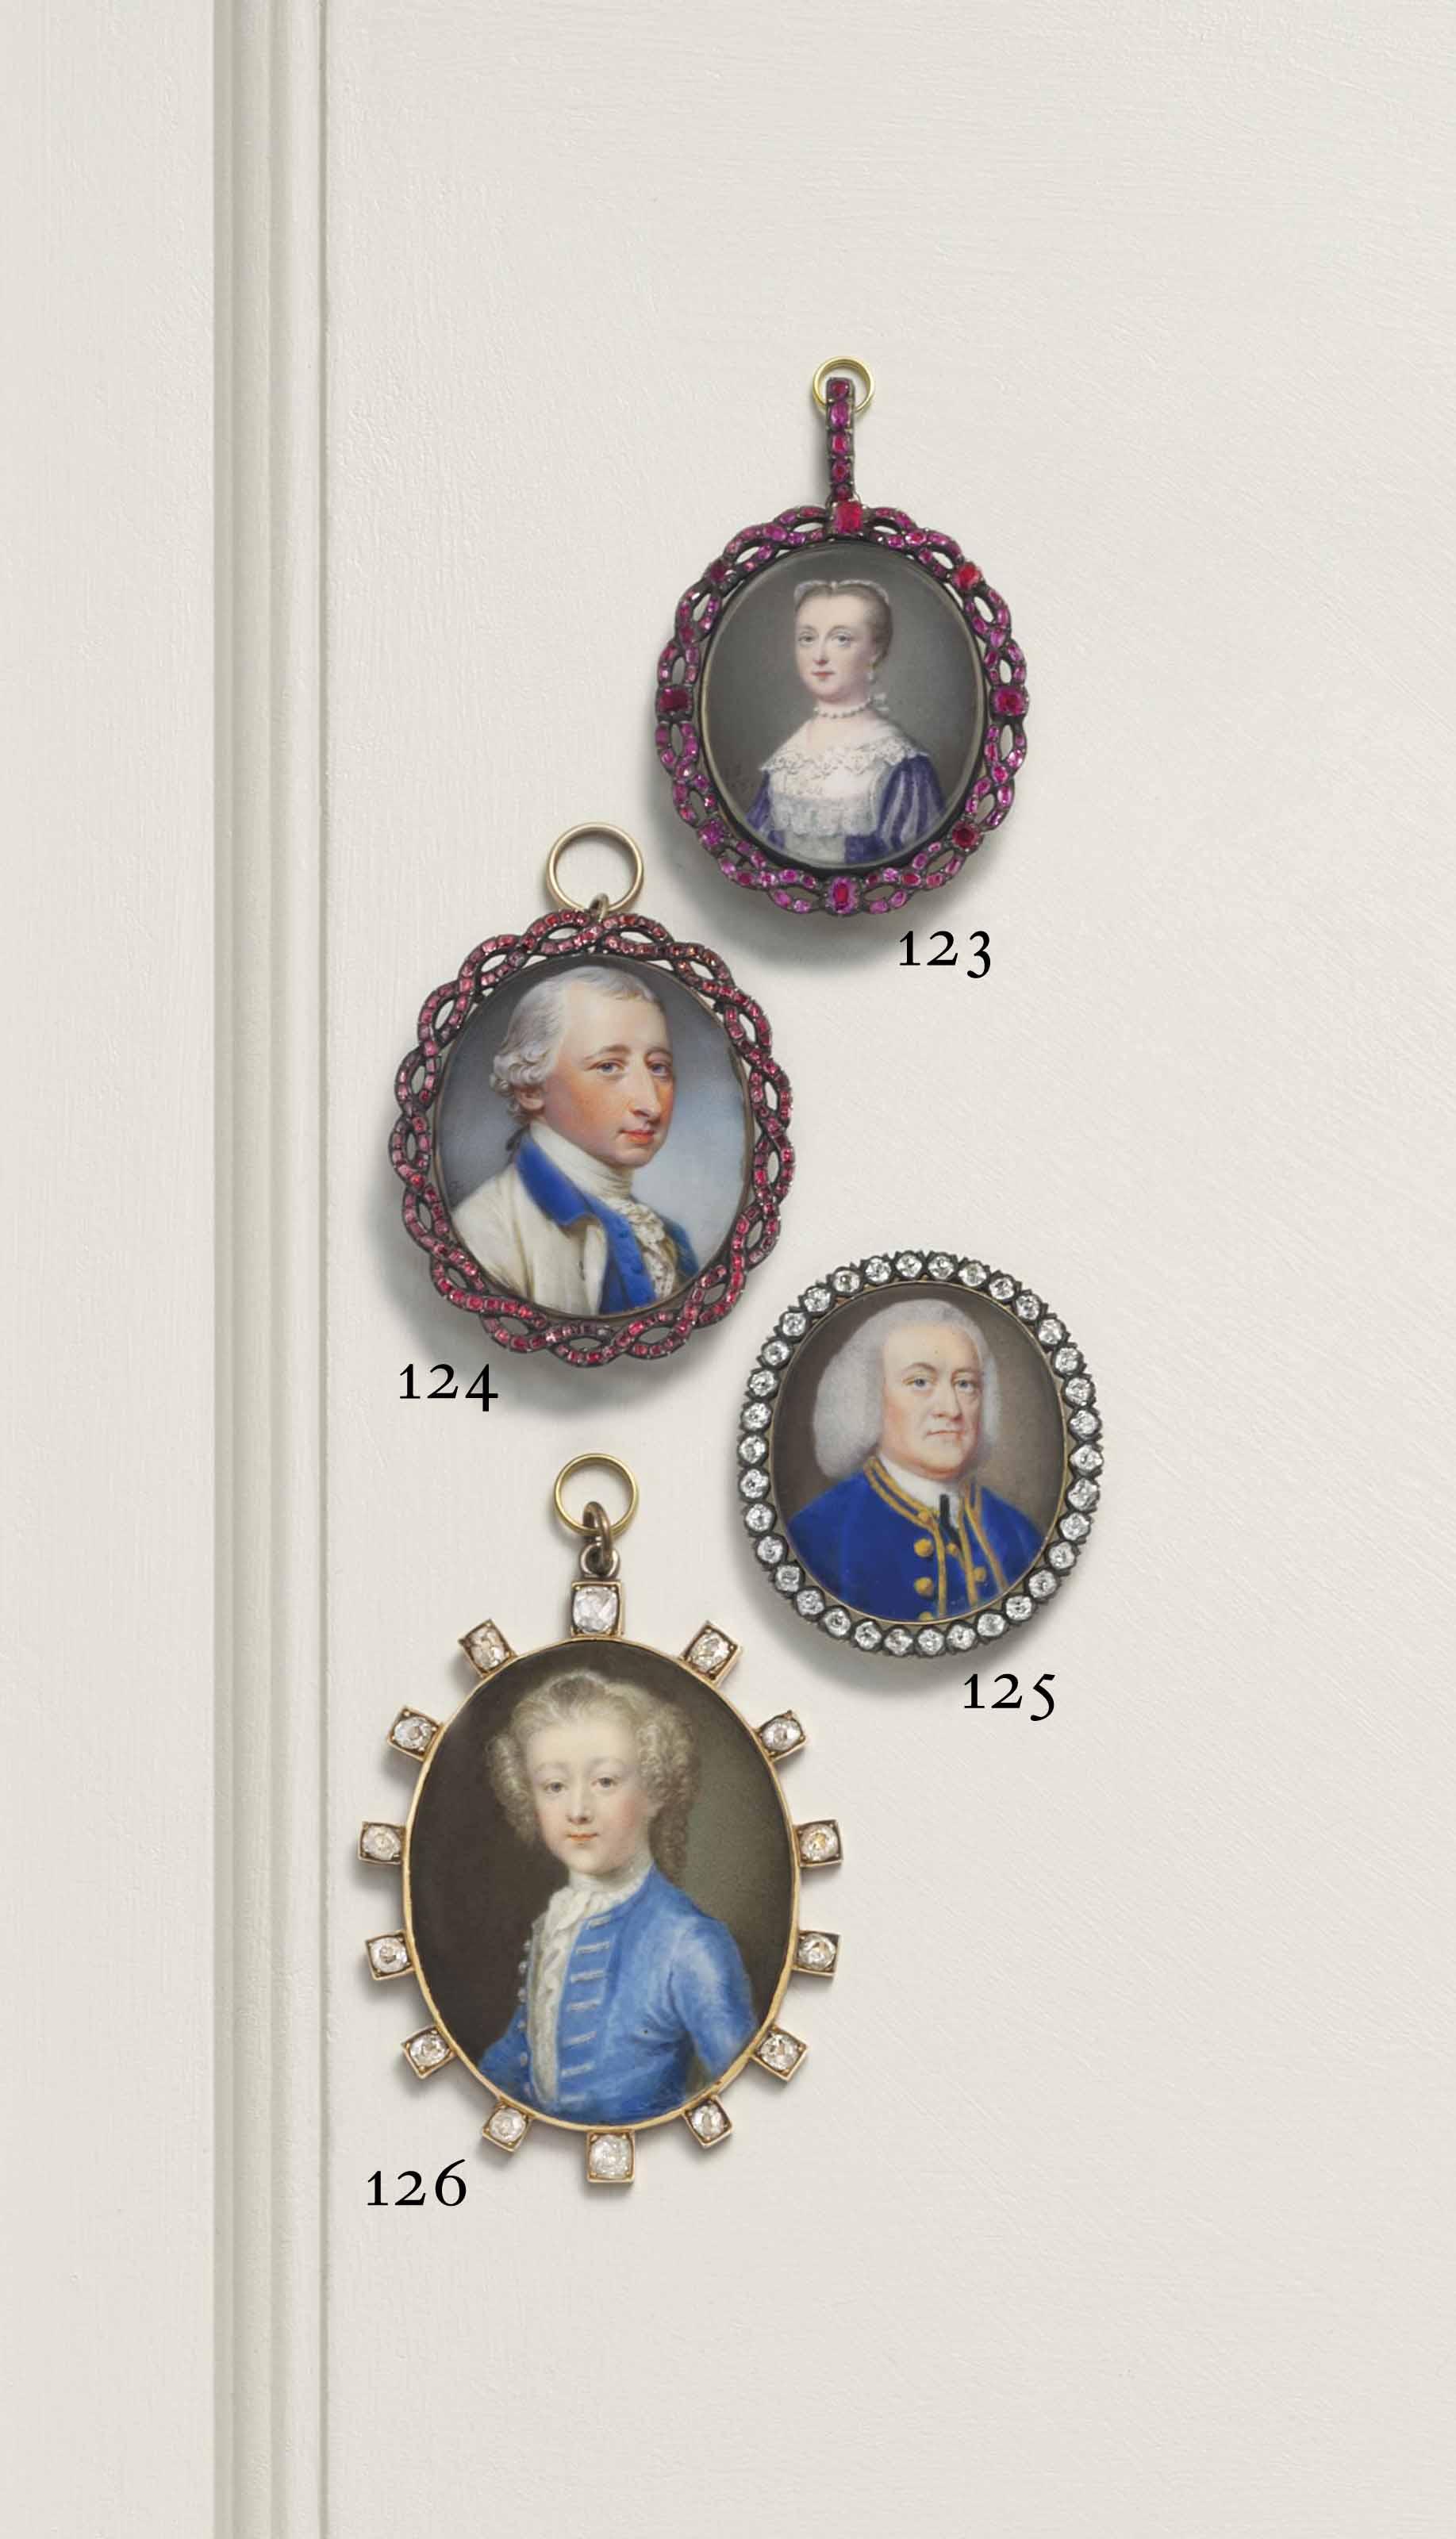 WILLIAM  PREWETT (BRITISH, FL. C. 1733 - 1740)